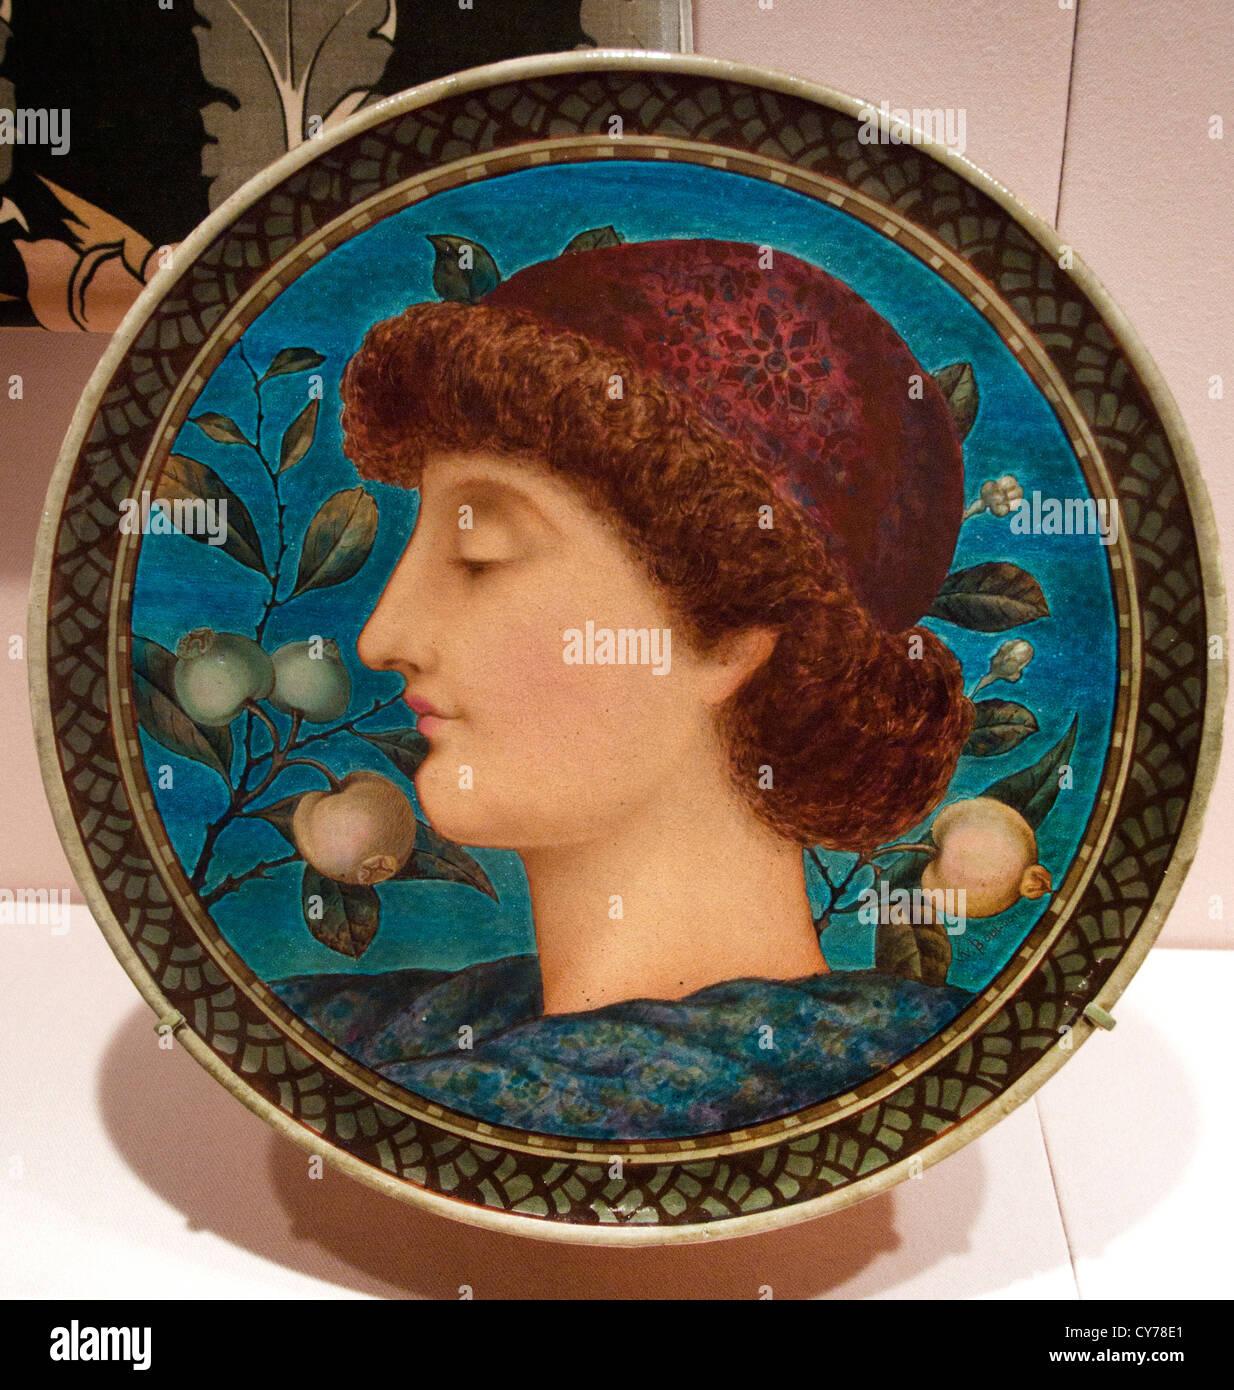 Plaque plat Boulton 1880 English Staffordshire Copeland Faïence Céramique 36,8 cm Photo Stock